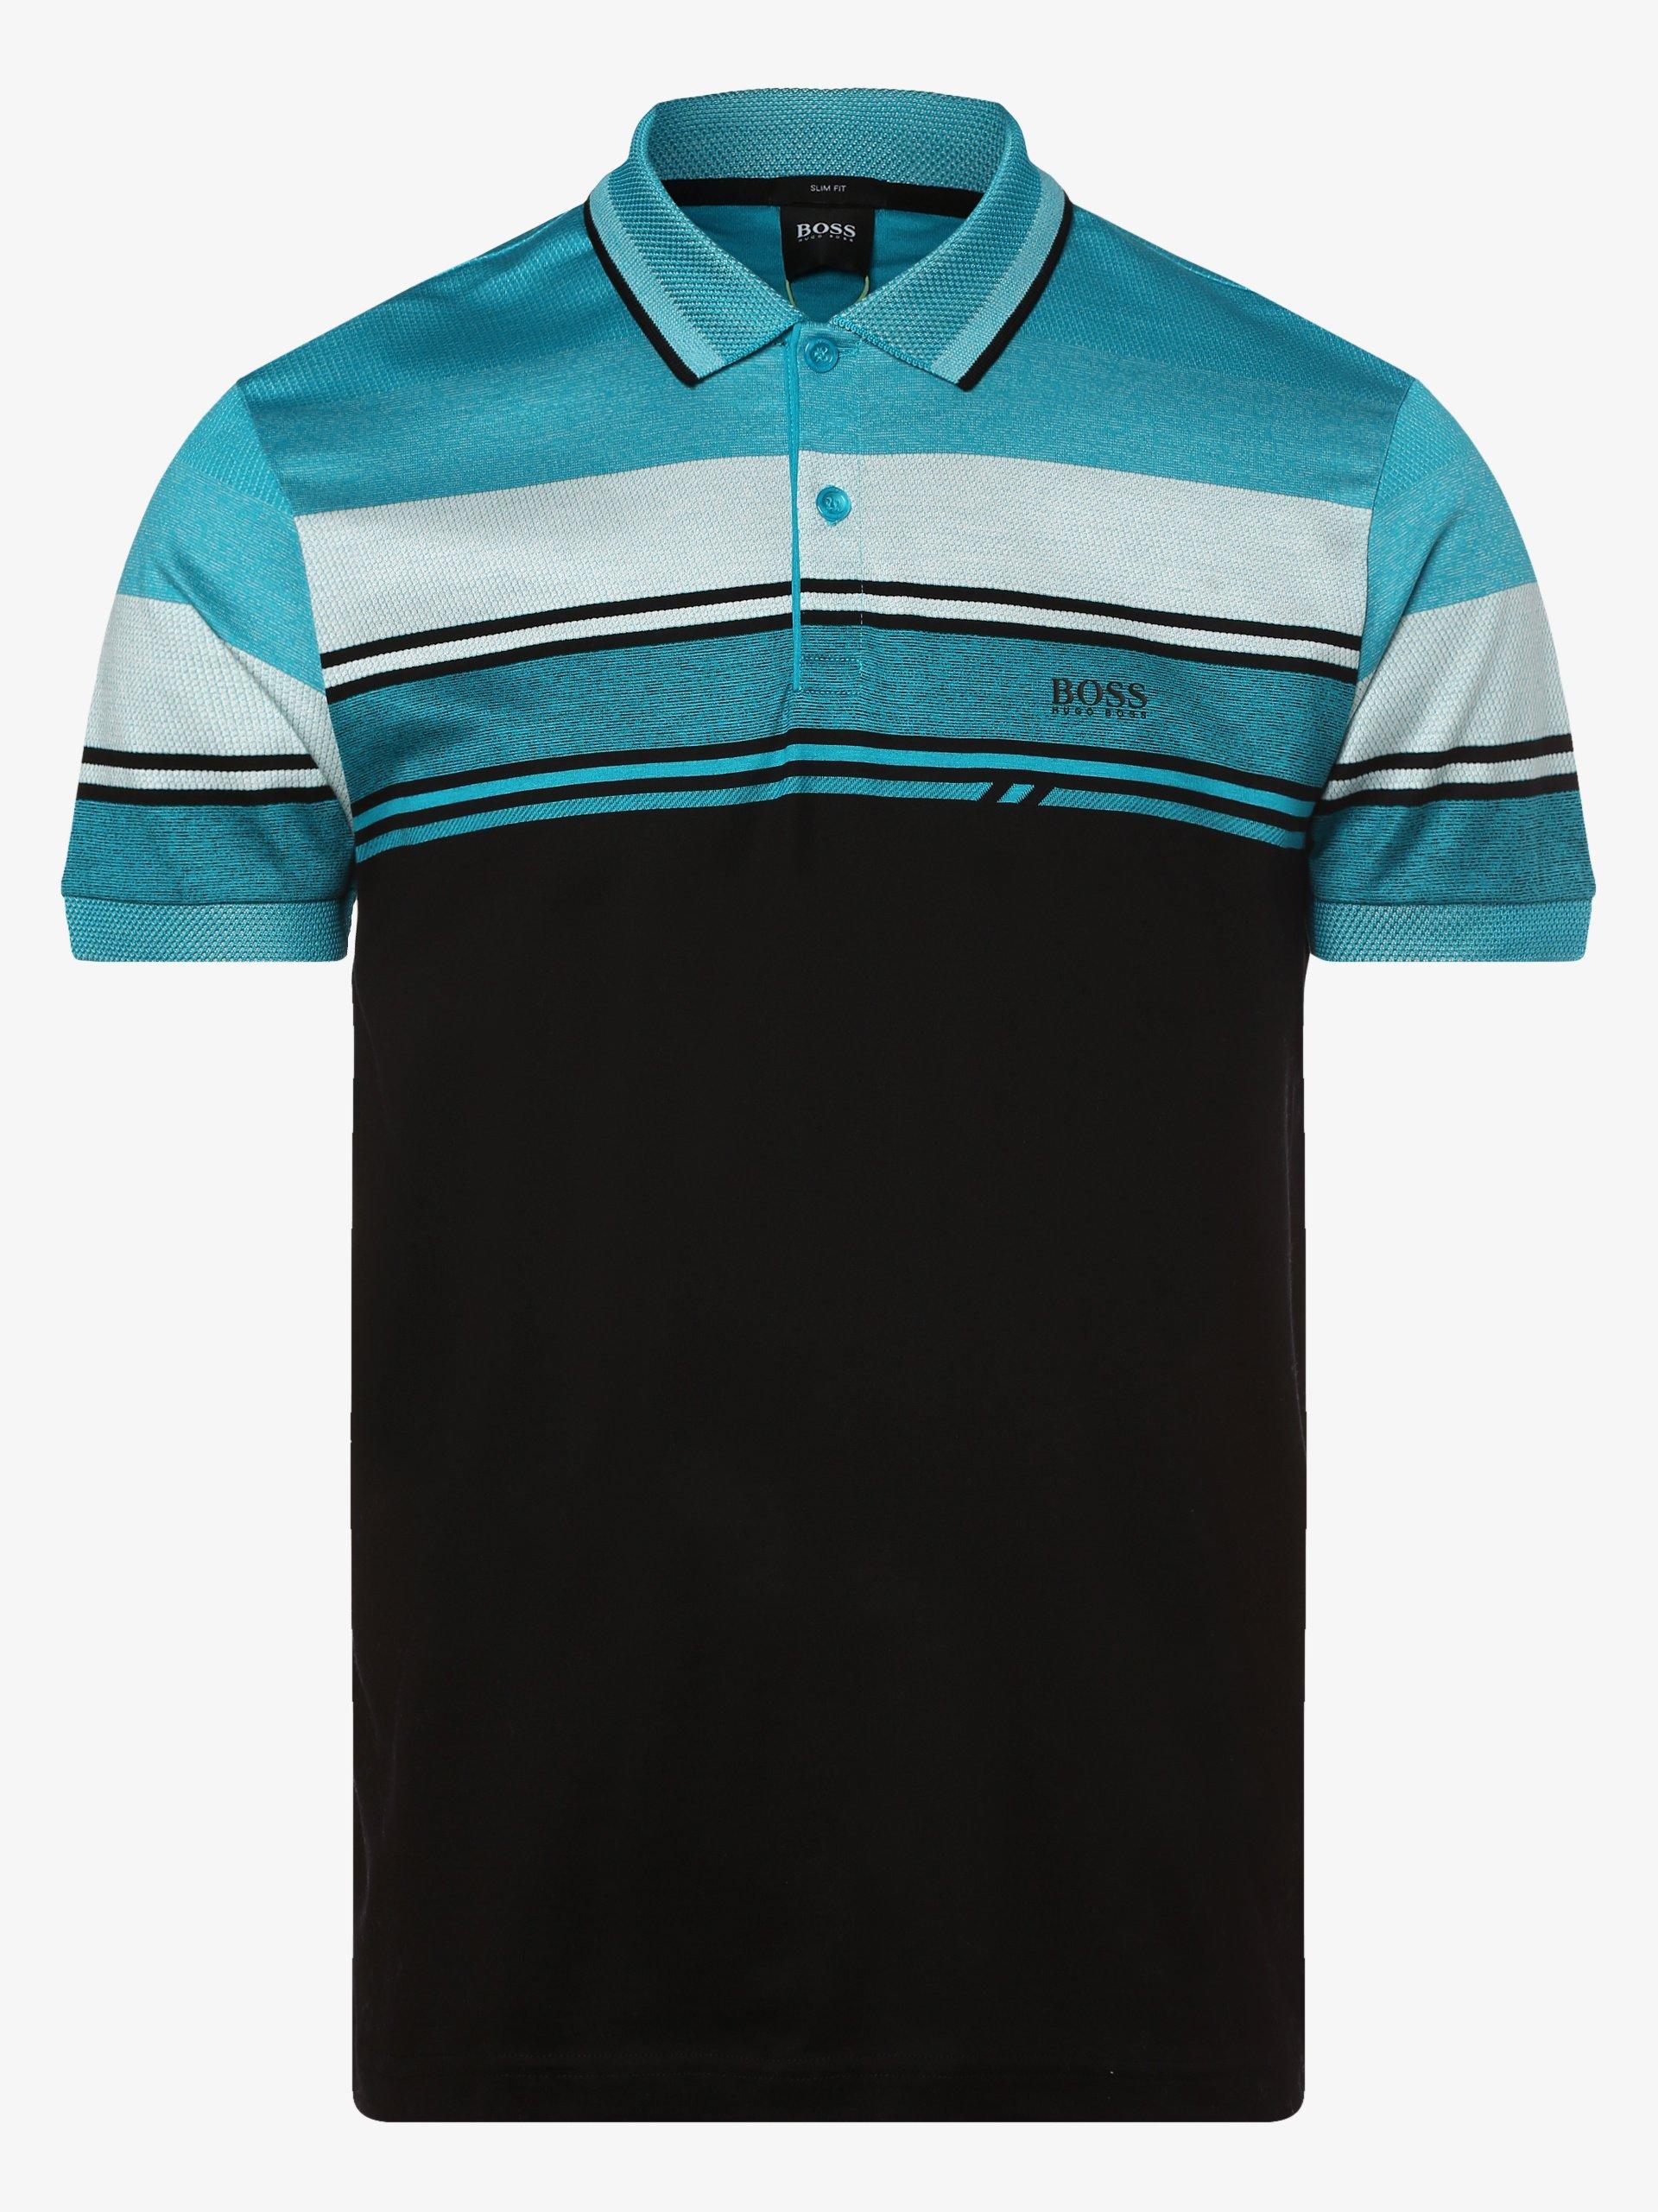 BOSS Athleisure Herren Poloshirt - Paule 5